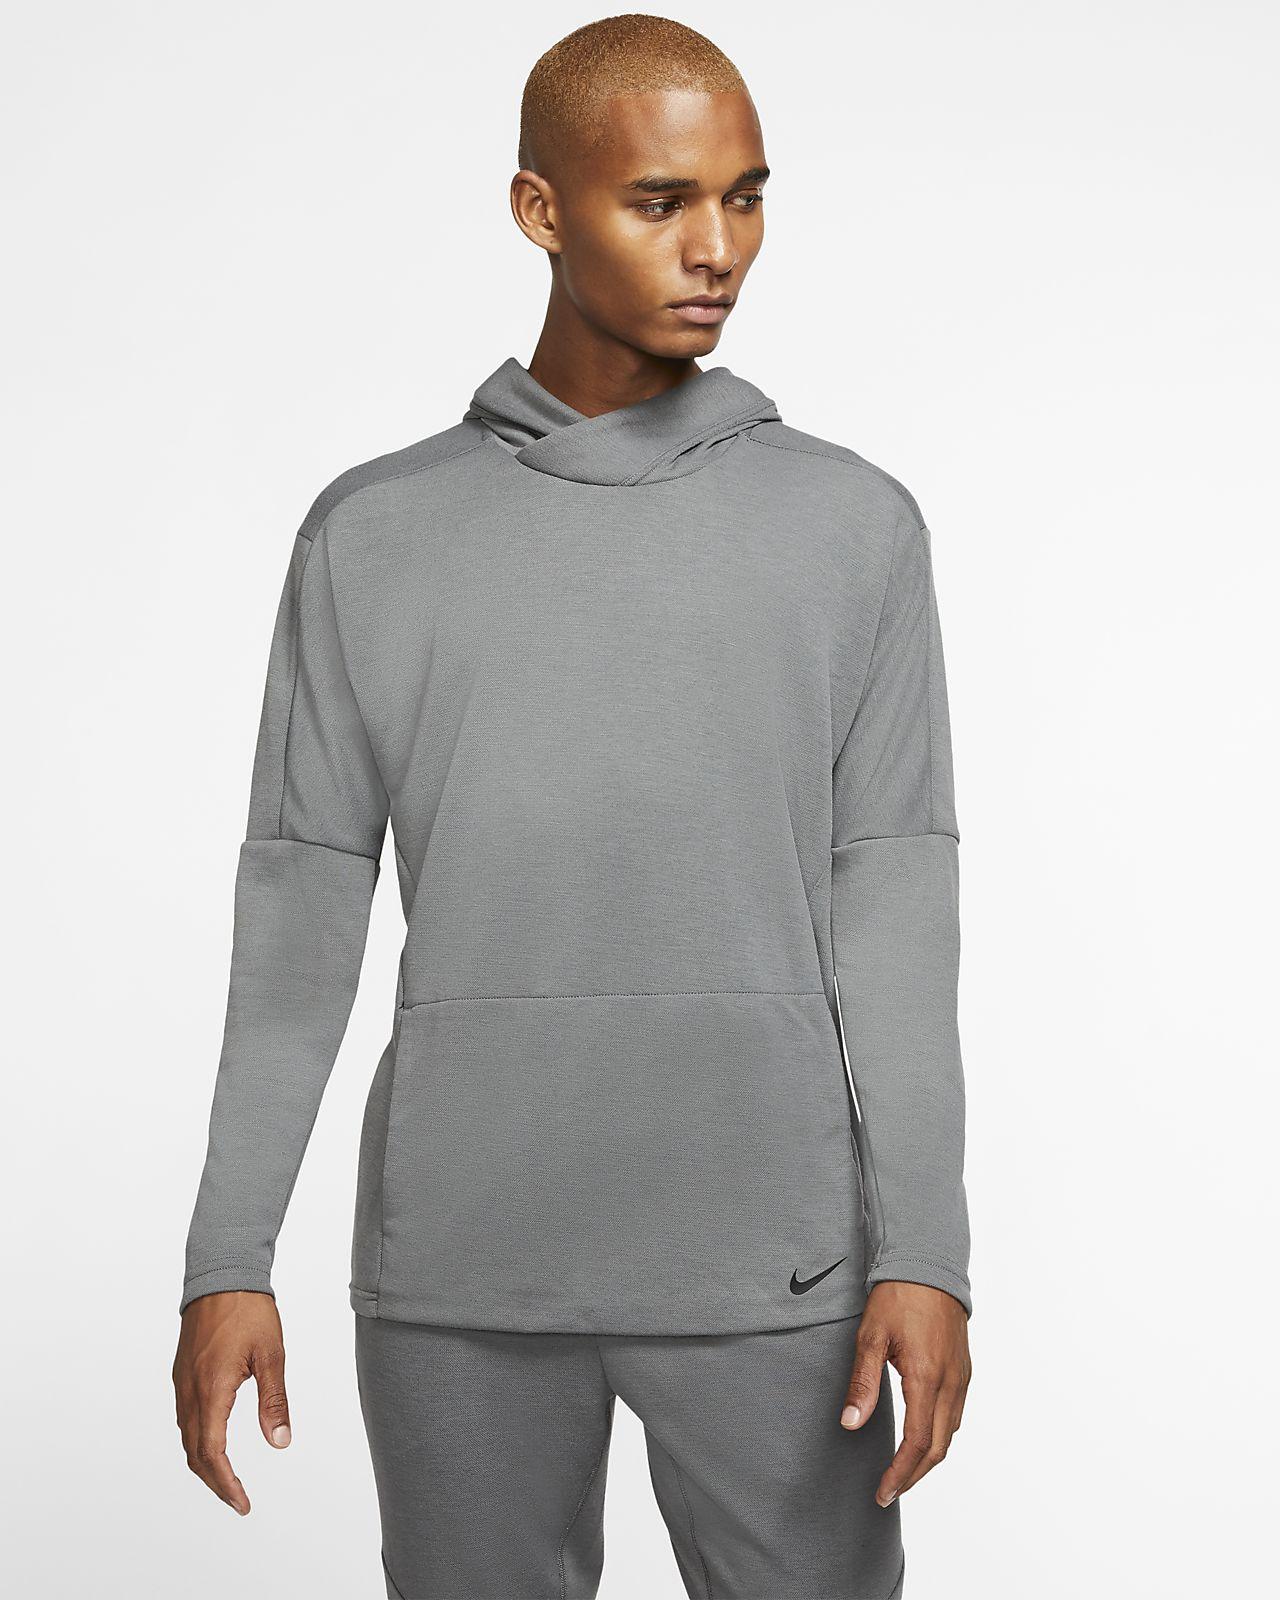 Huvtröja Nike Yoga Dri-FIT för män